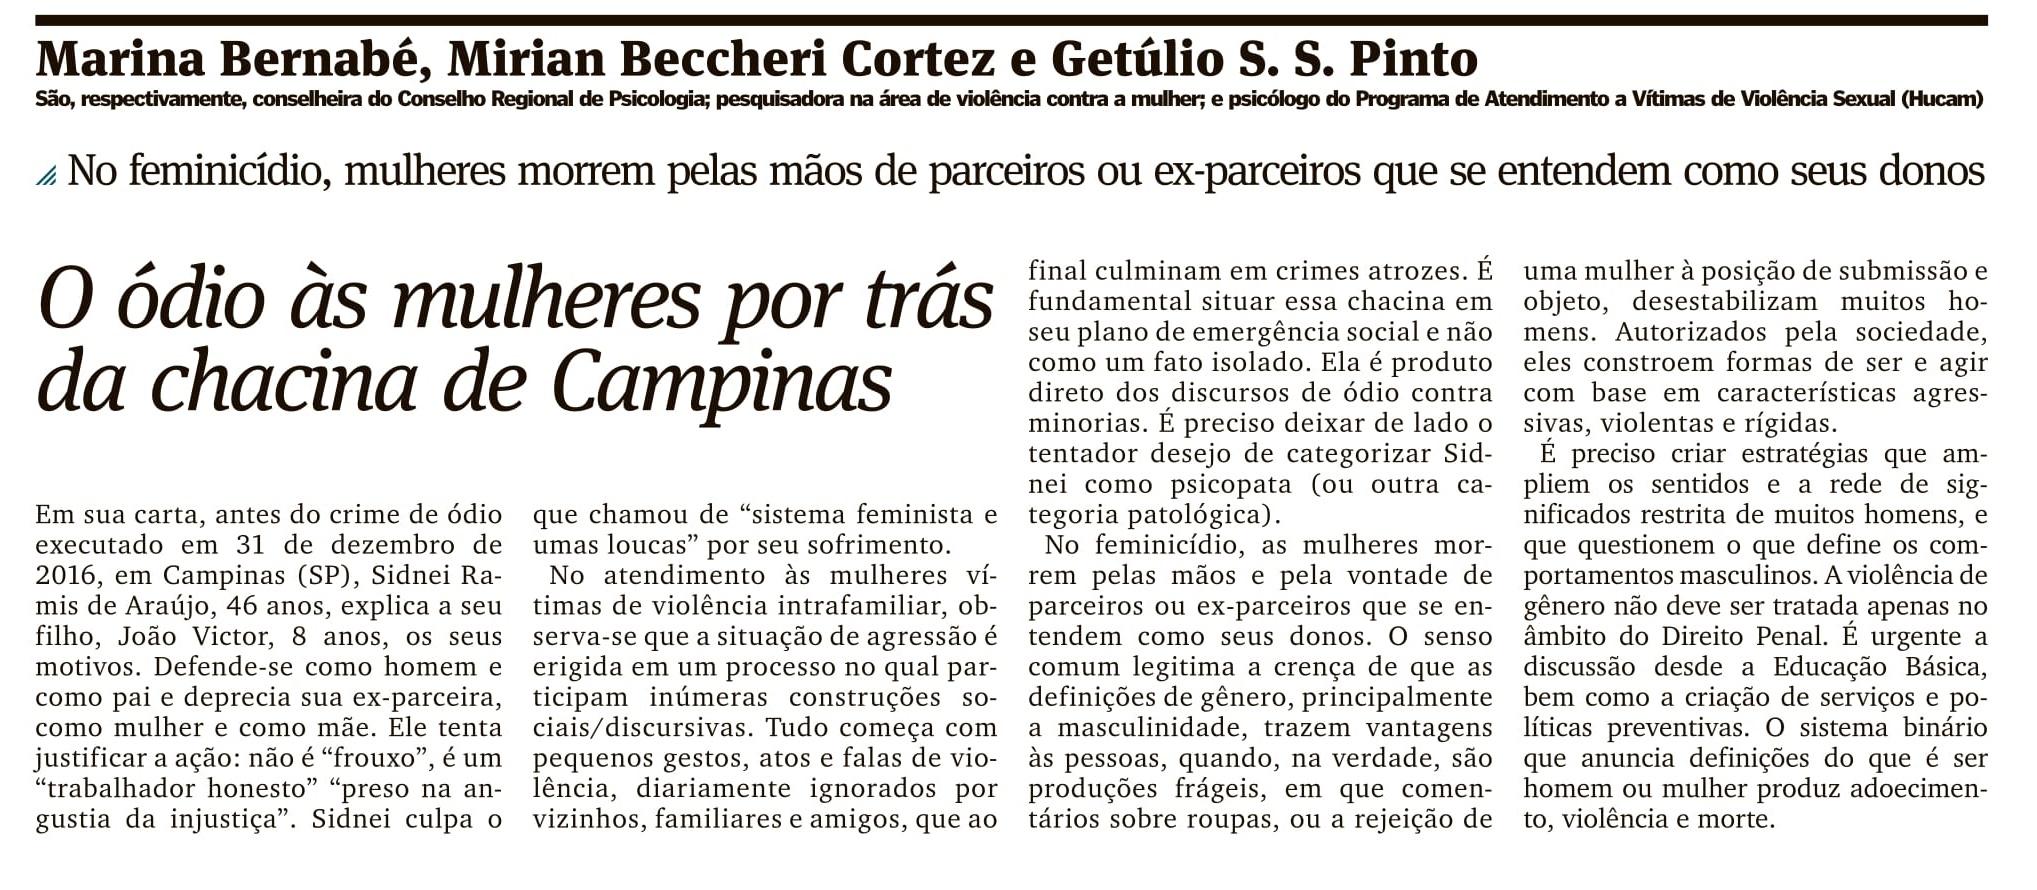 O ódio às mulheres por trás da chacina de Campinas_AG_OPINIÃO_PÁG 17_12.01.2017_1